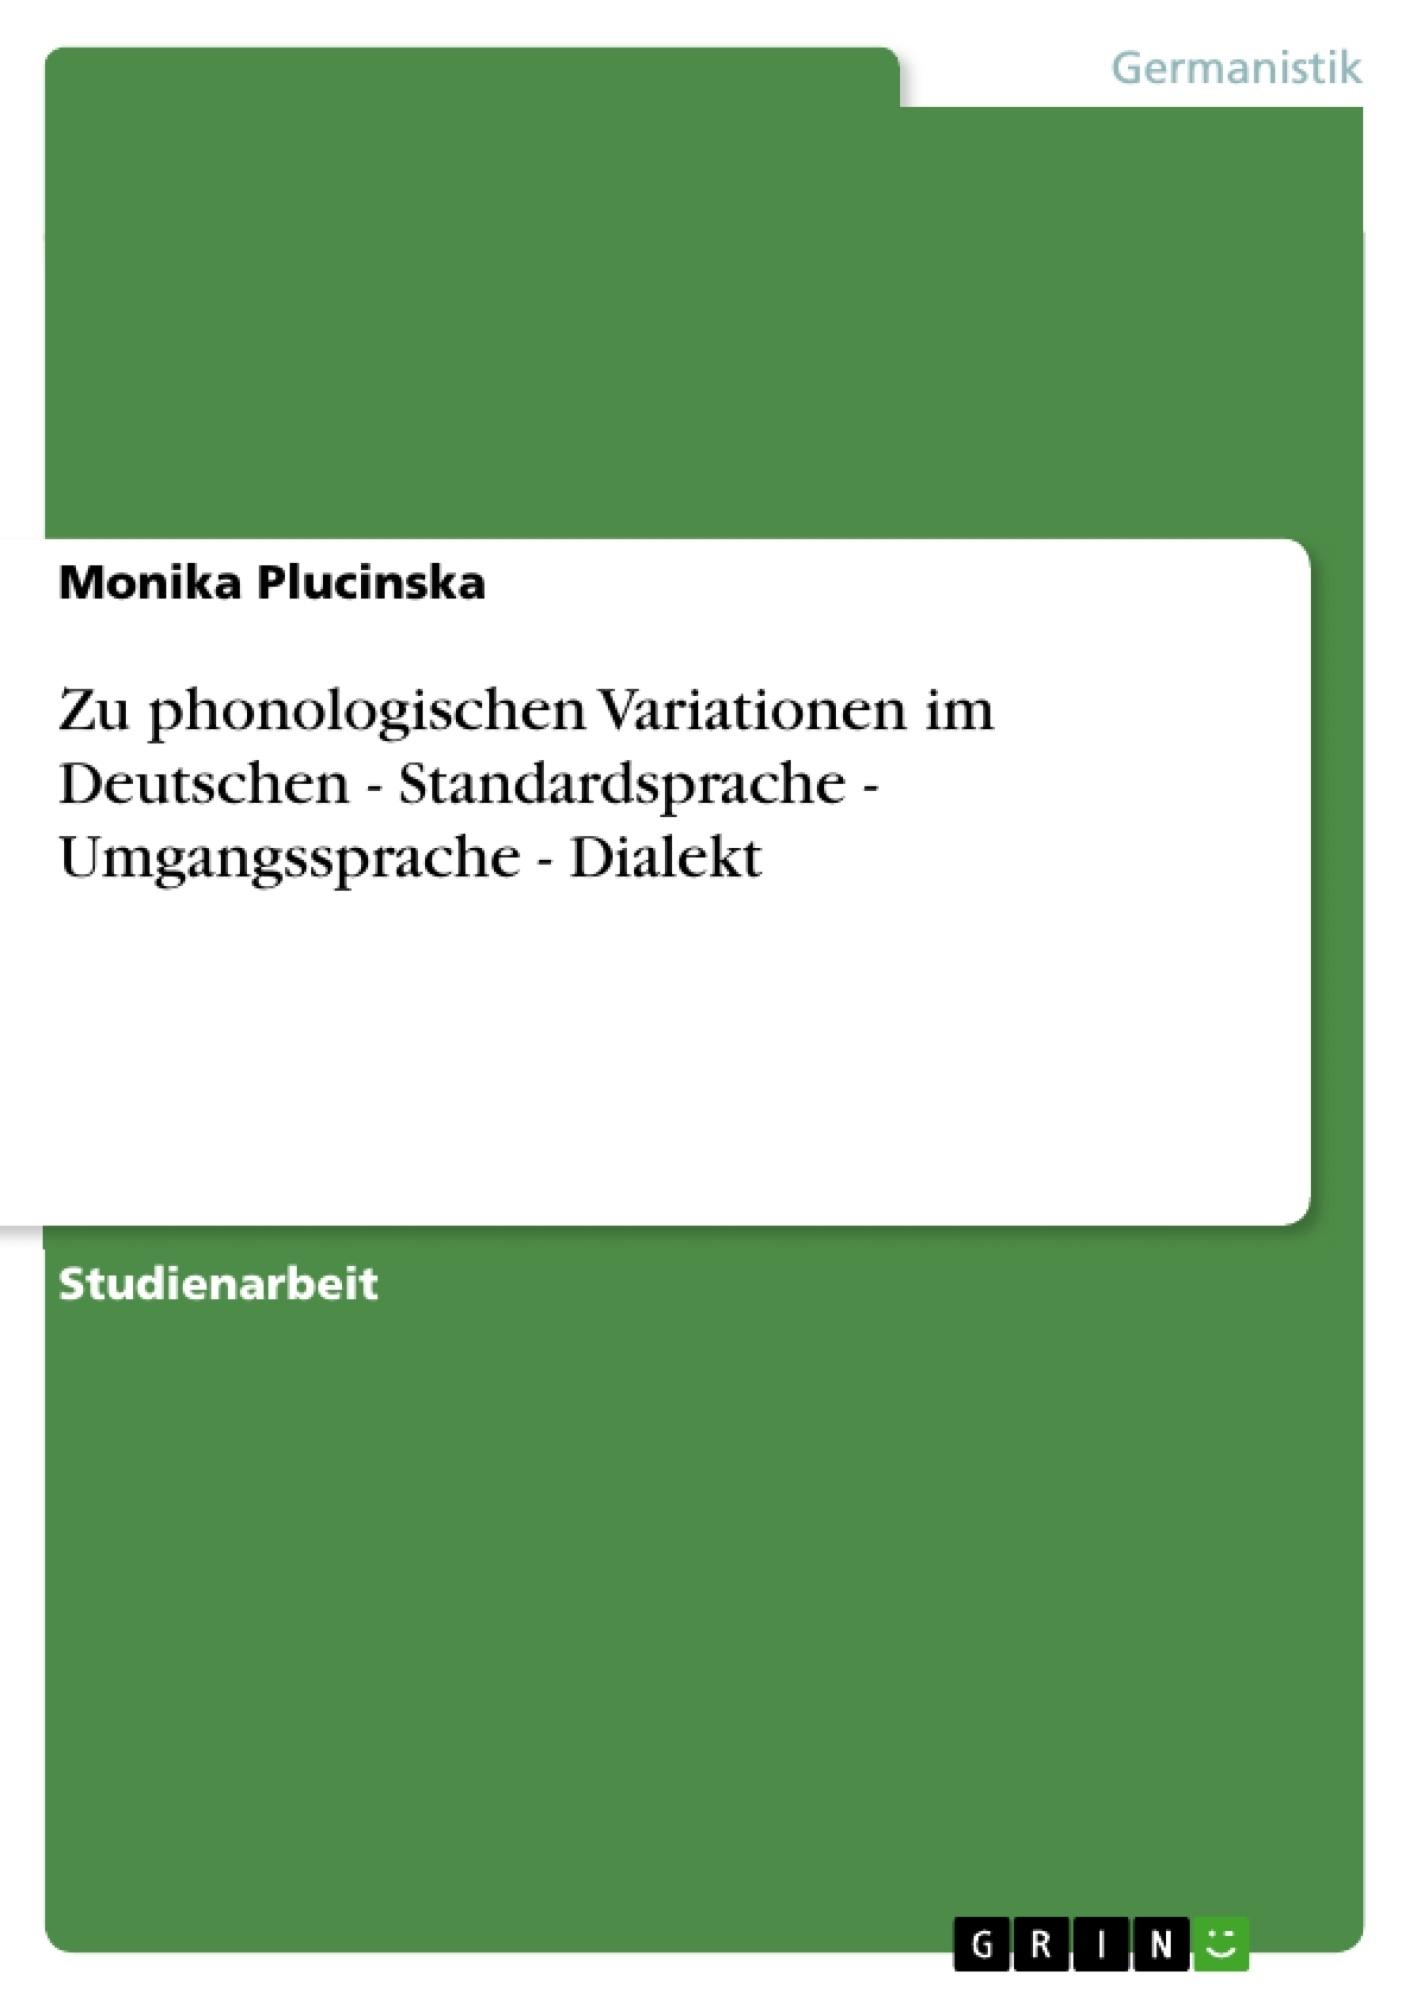 Titel: Zu phonologischen Variationen im Deutschen - Standardsprache - Umgangssprache - Dialekt